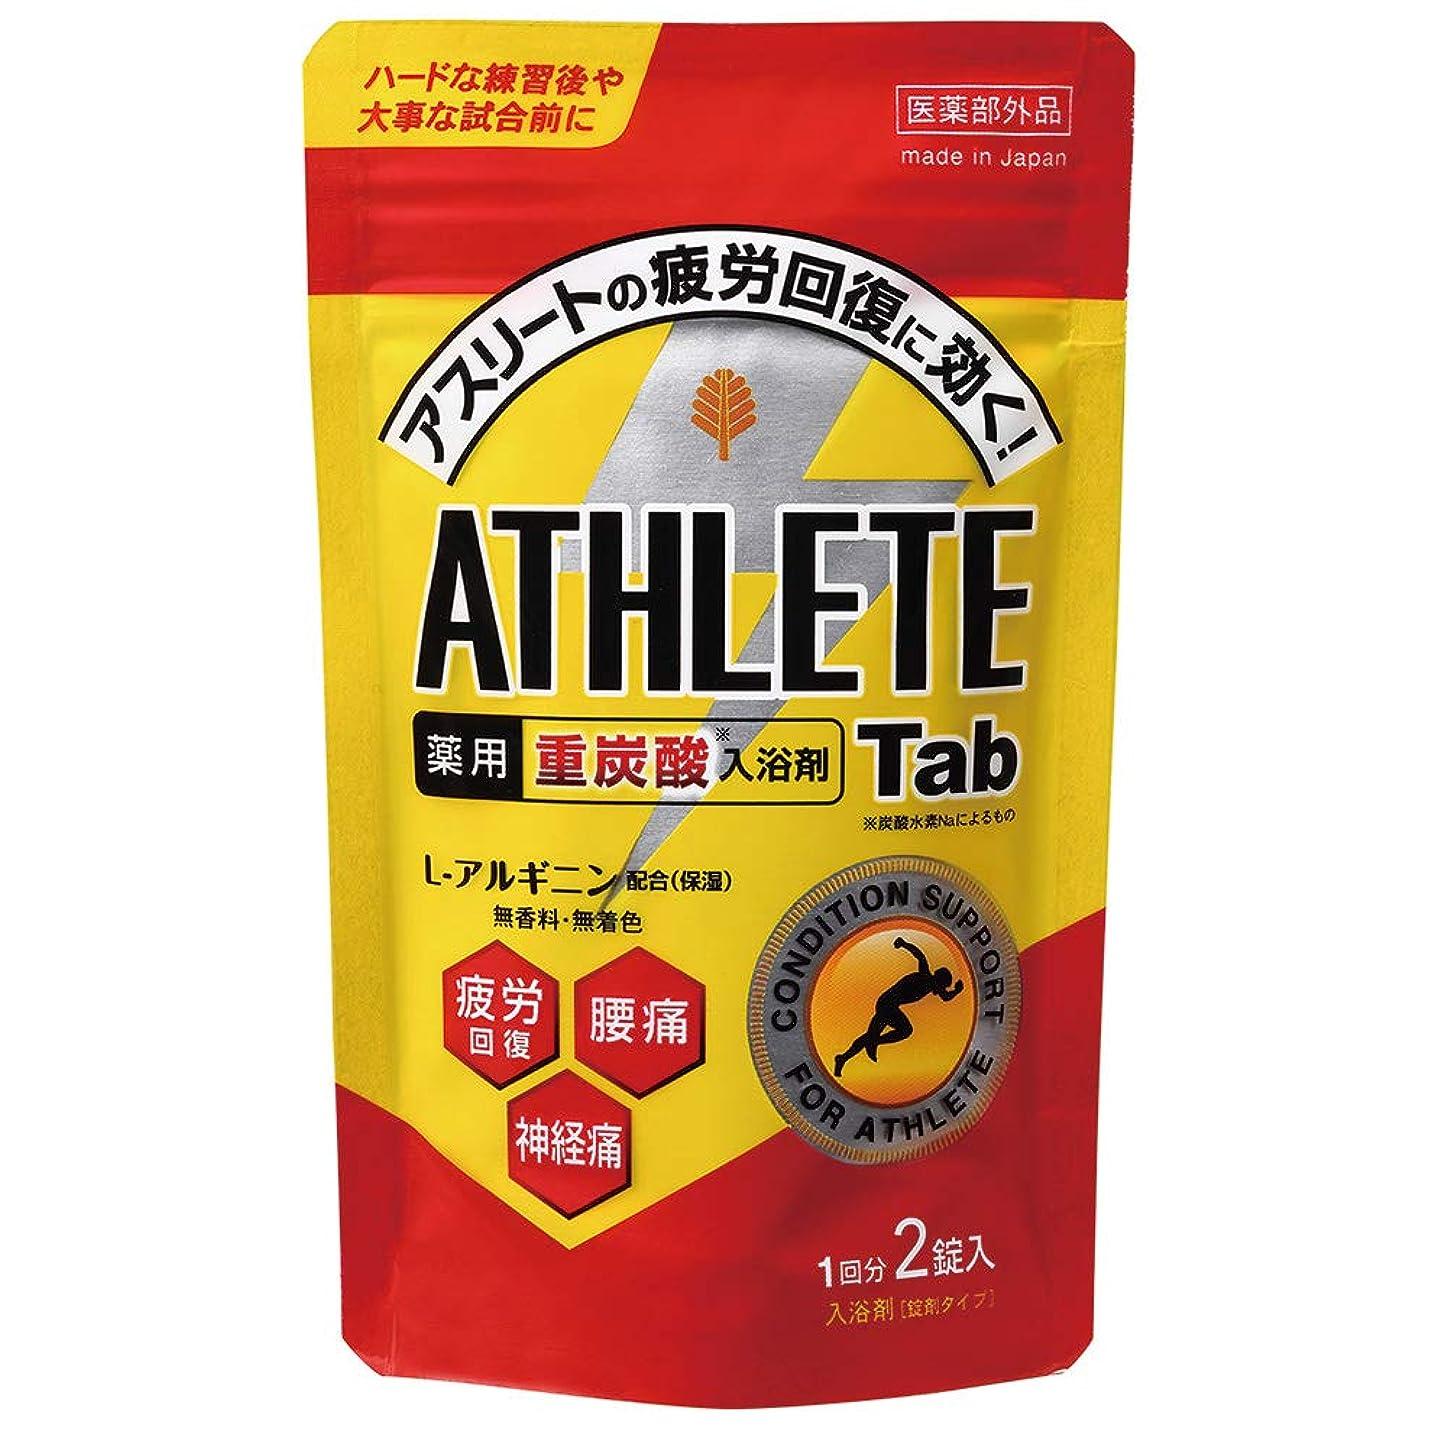 個性宗教的な雪の日本製 made in japan 薬用 ATHLETE Tab2錠x1パック BT-8572 【まとめ買い12個セット】